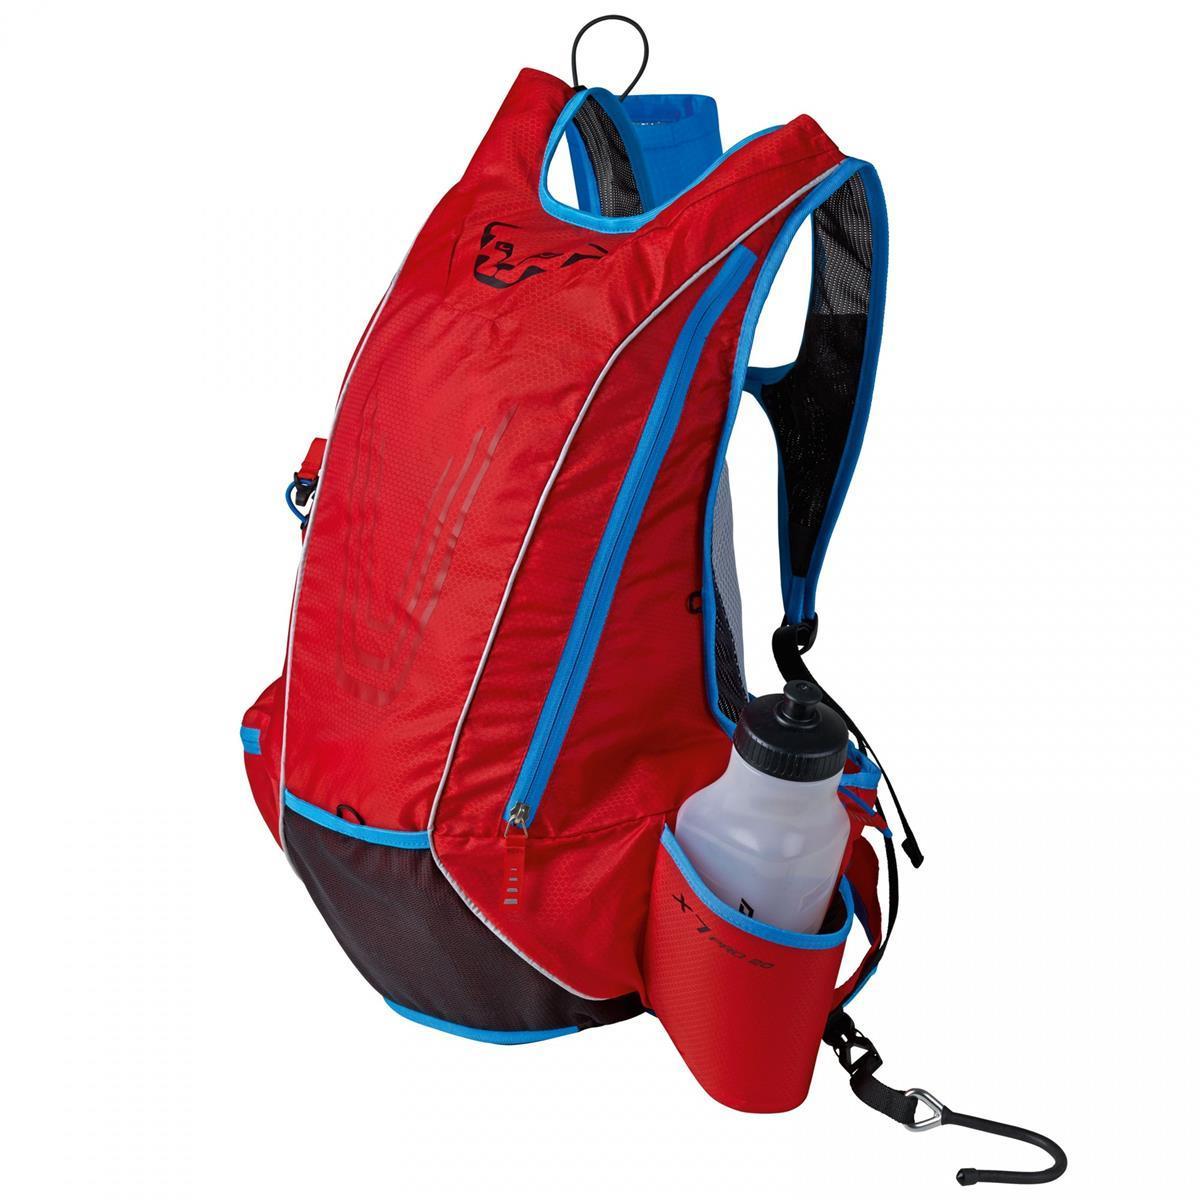 Batohy a tašky - Eski 58c0557c83c